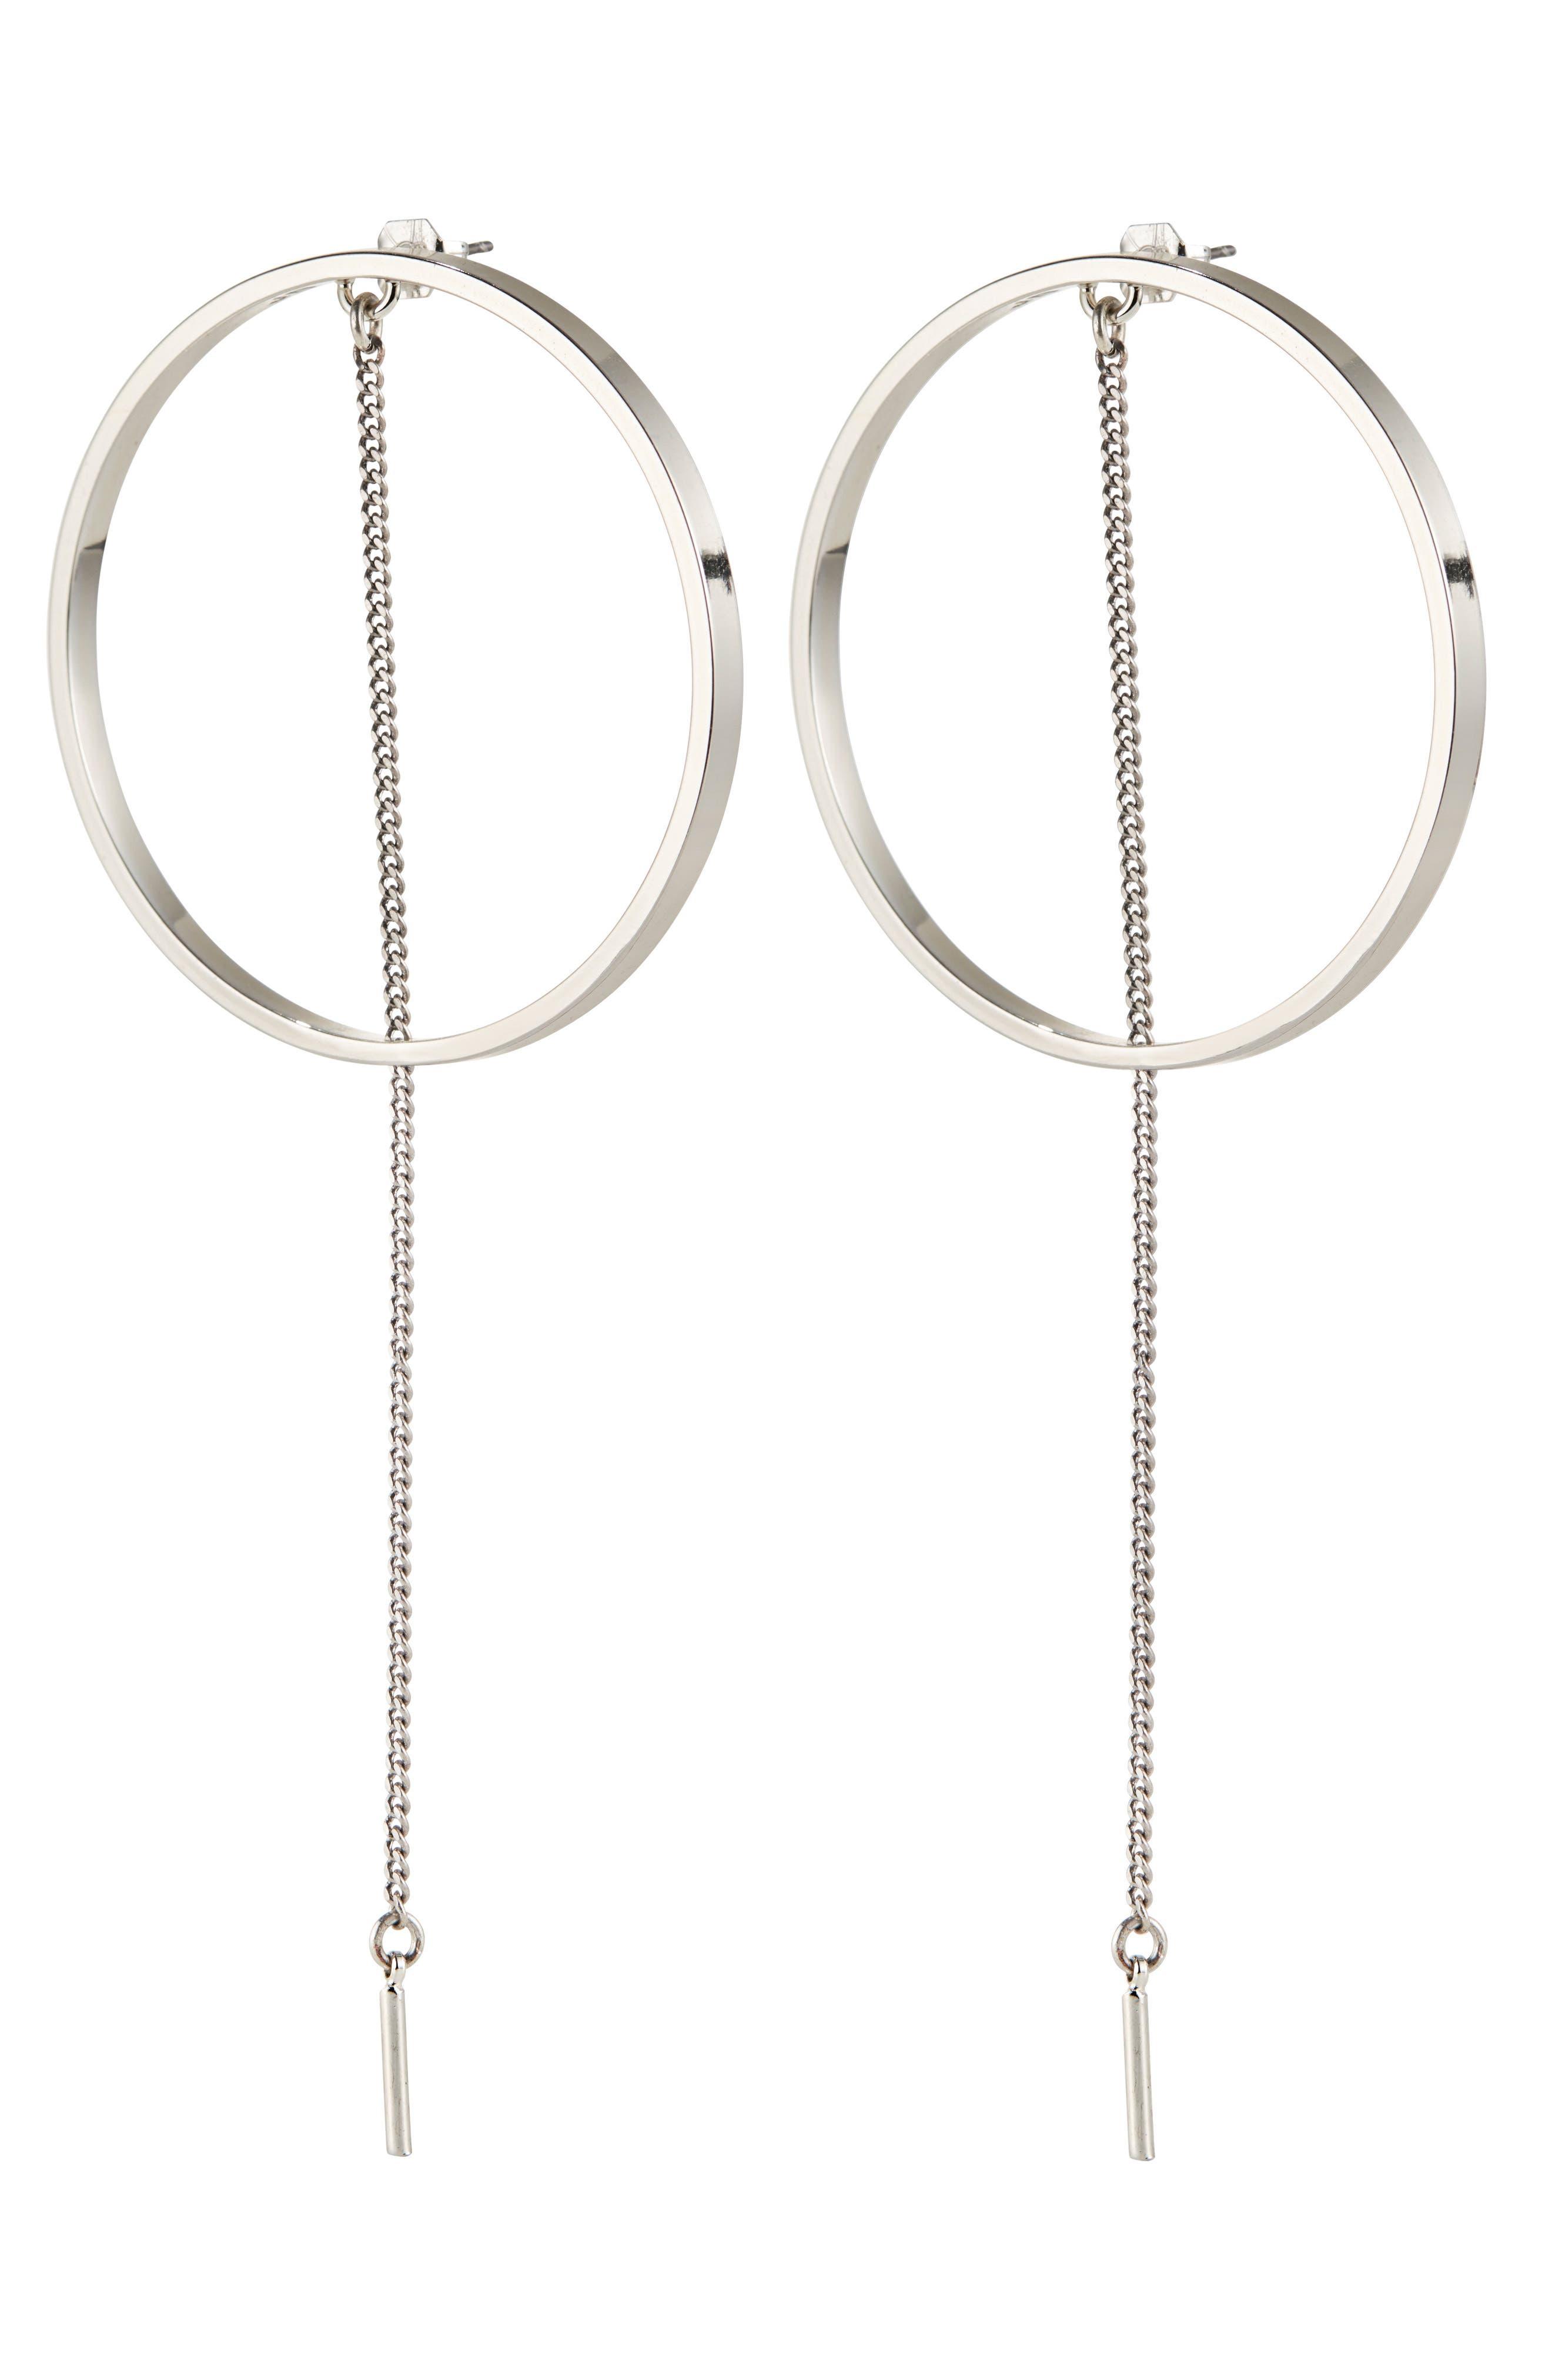 Alternate Image 1 Selected - Jenny Bird Rhine Frontal Hoop Earrings